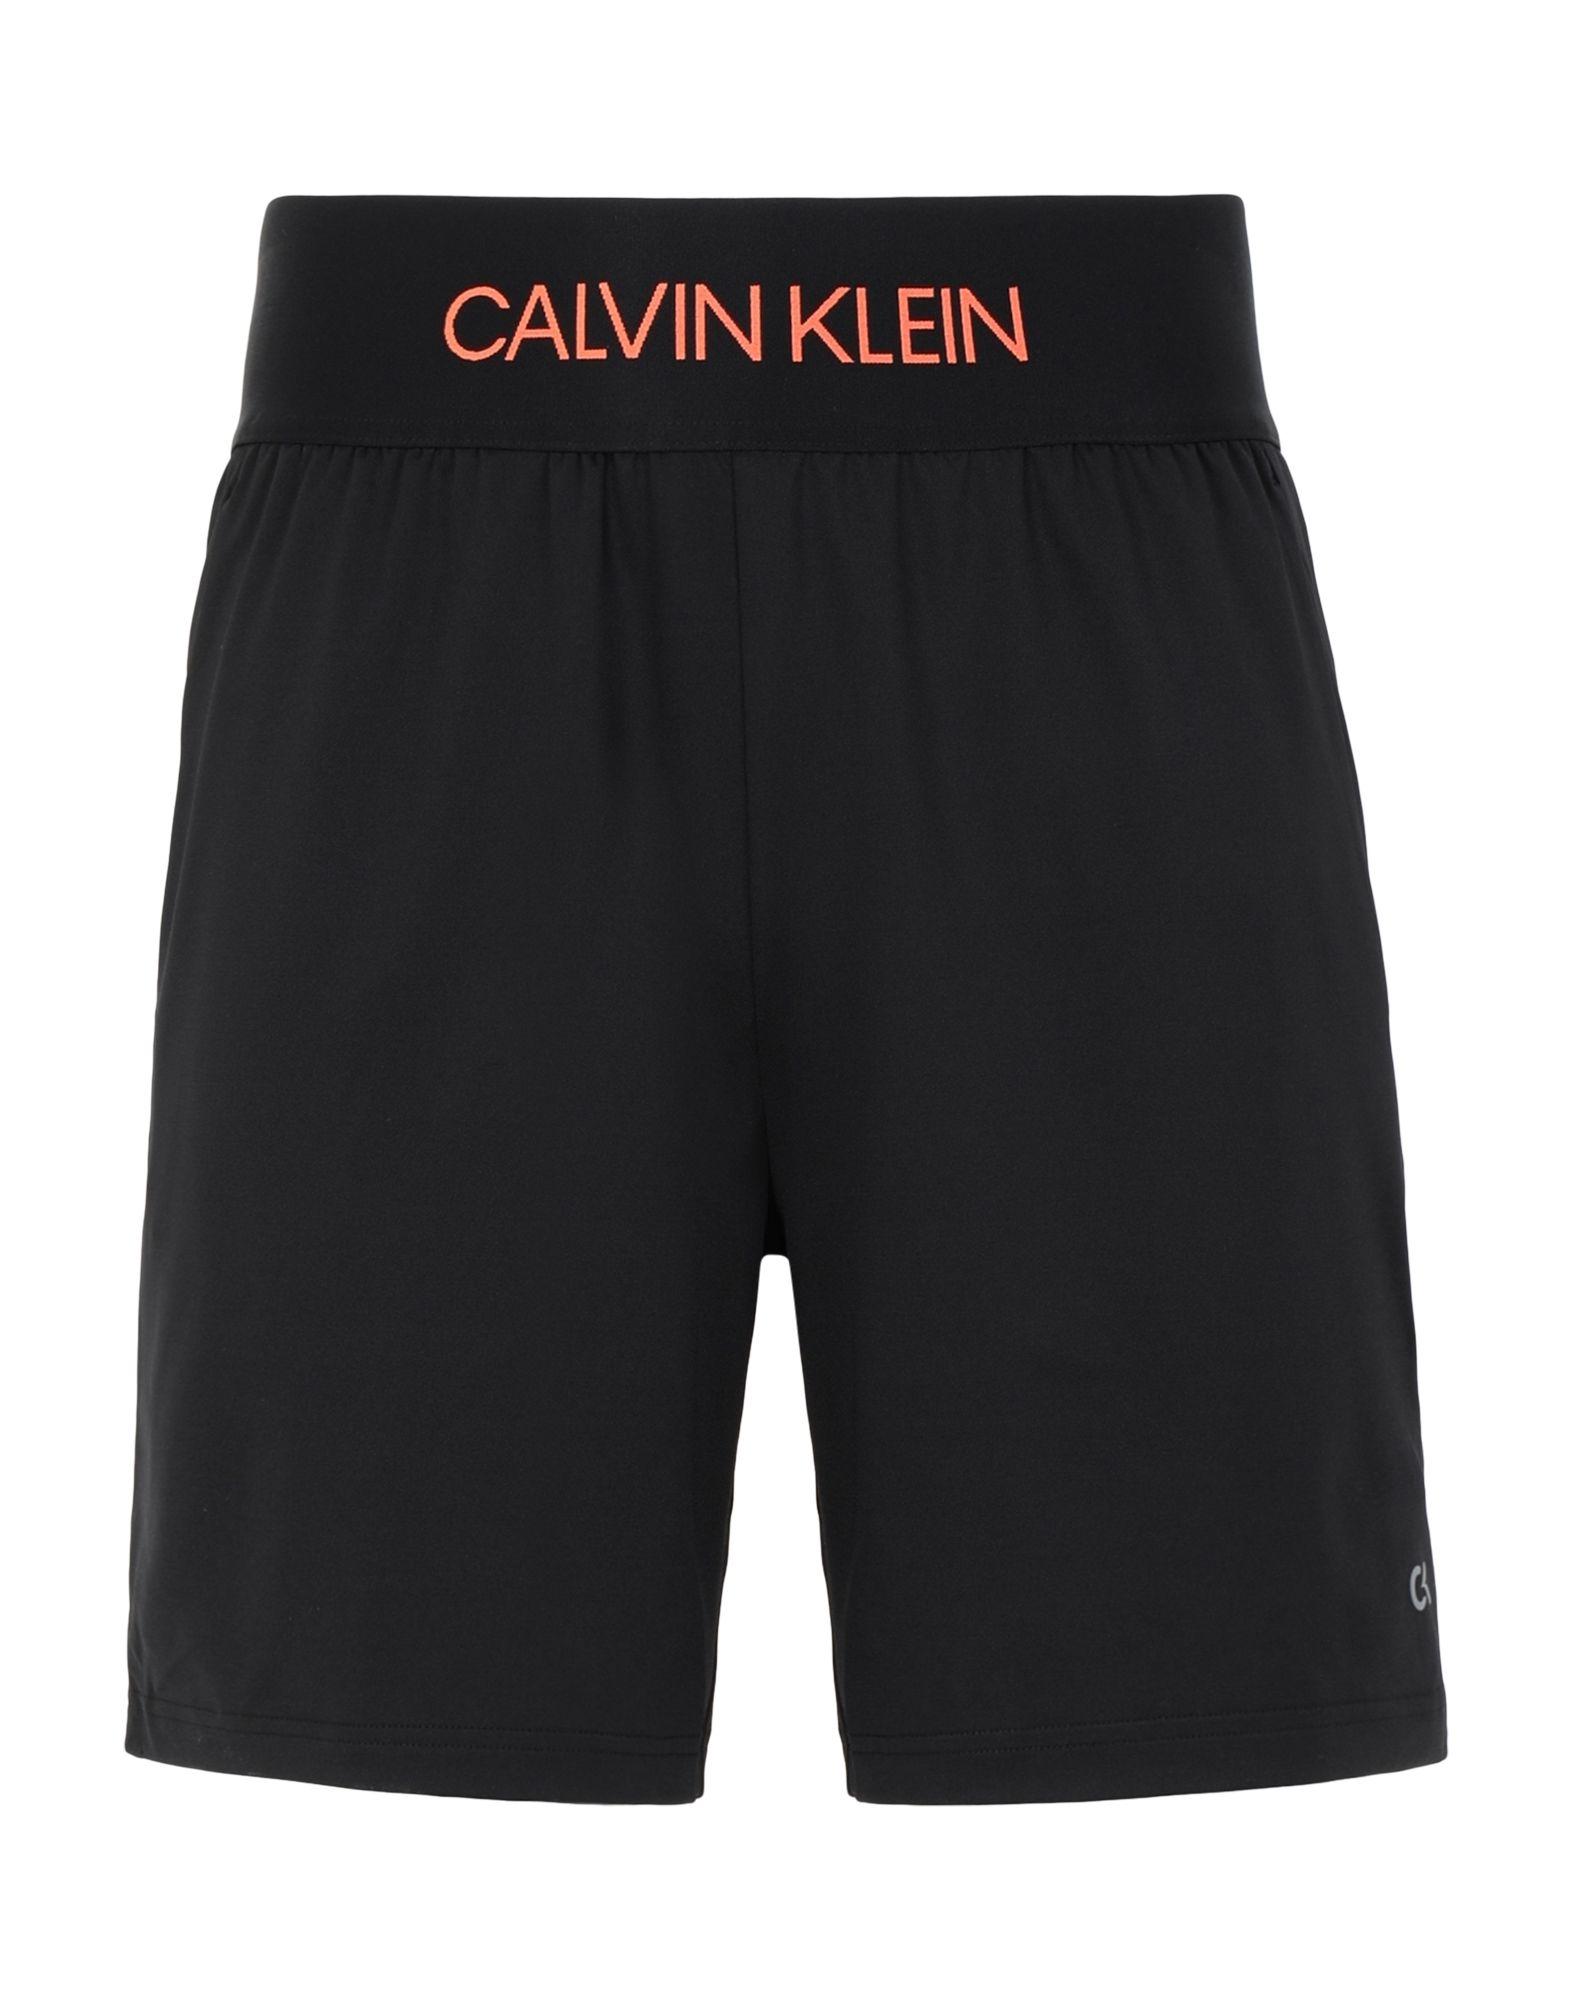 """《セール開催中》CALVIN KLEIN PERFORMANCE メンズ バミューダパンツ ブラック S ポリエステル 84% / ポリウレタン 16% """"7"""" WOVEN SHORT """""""